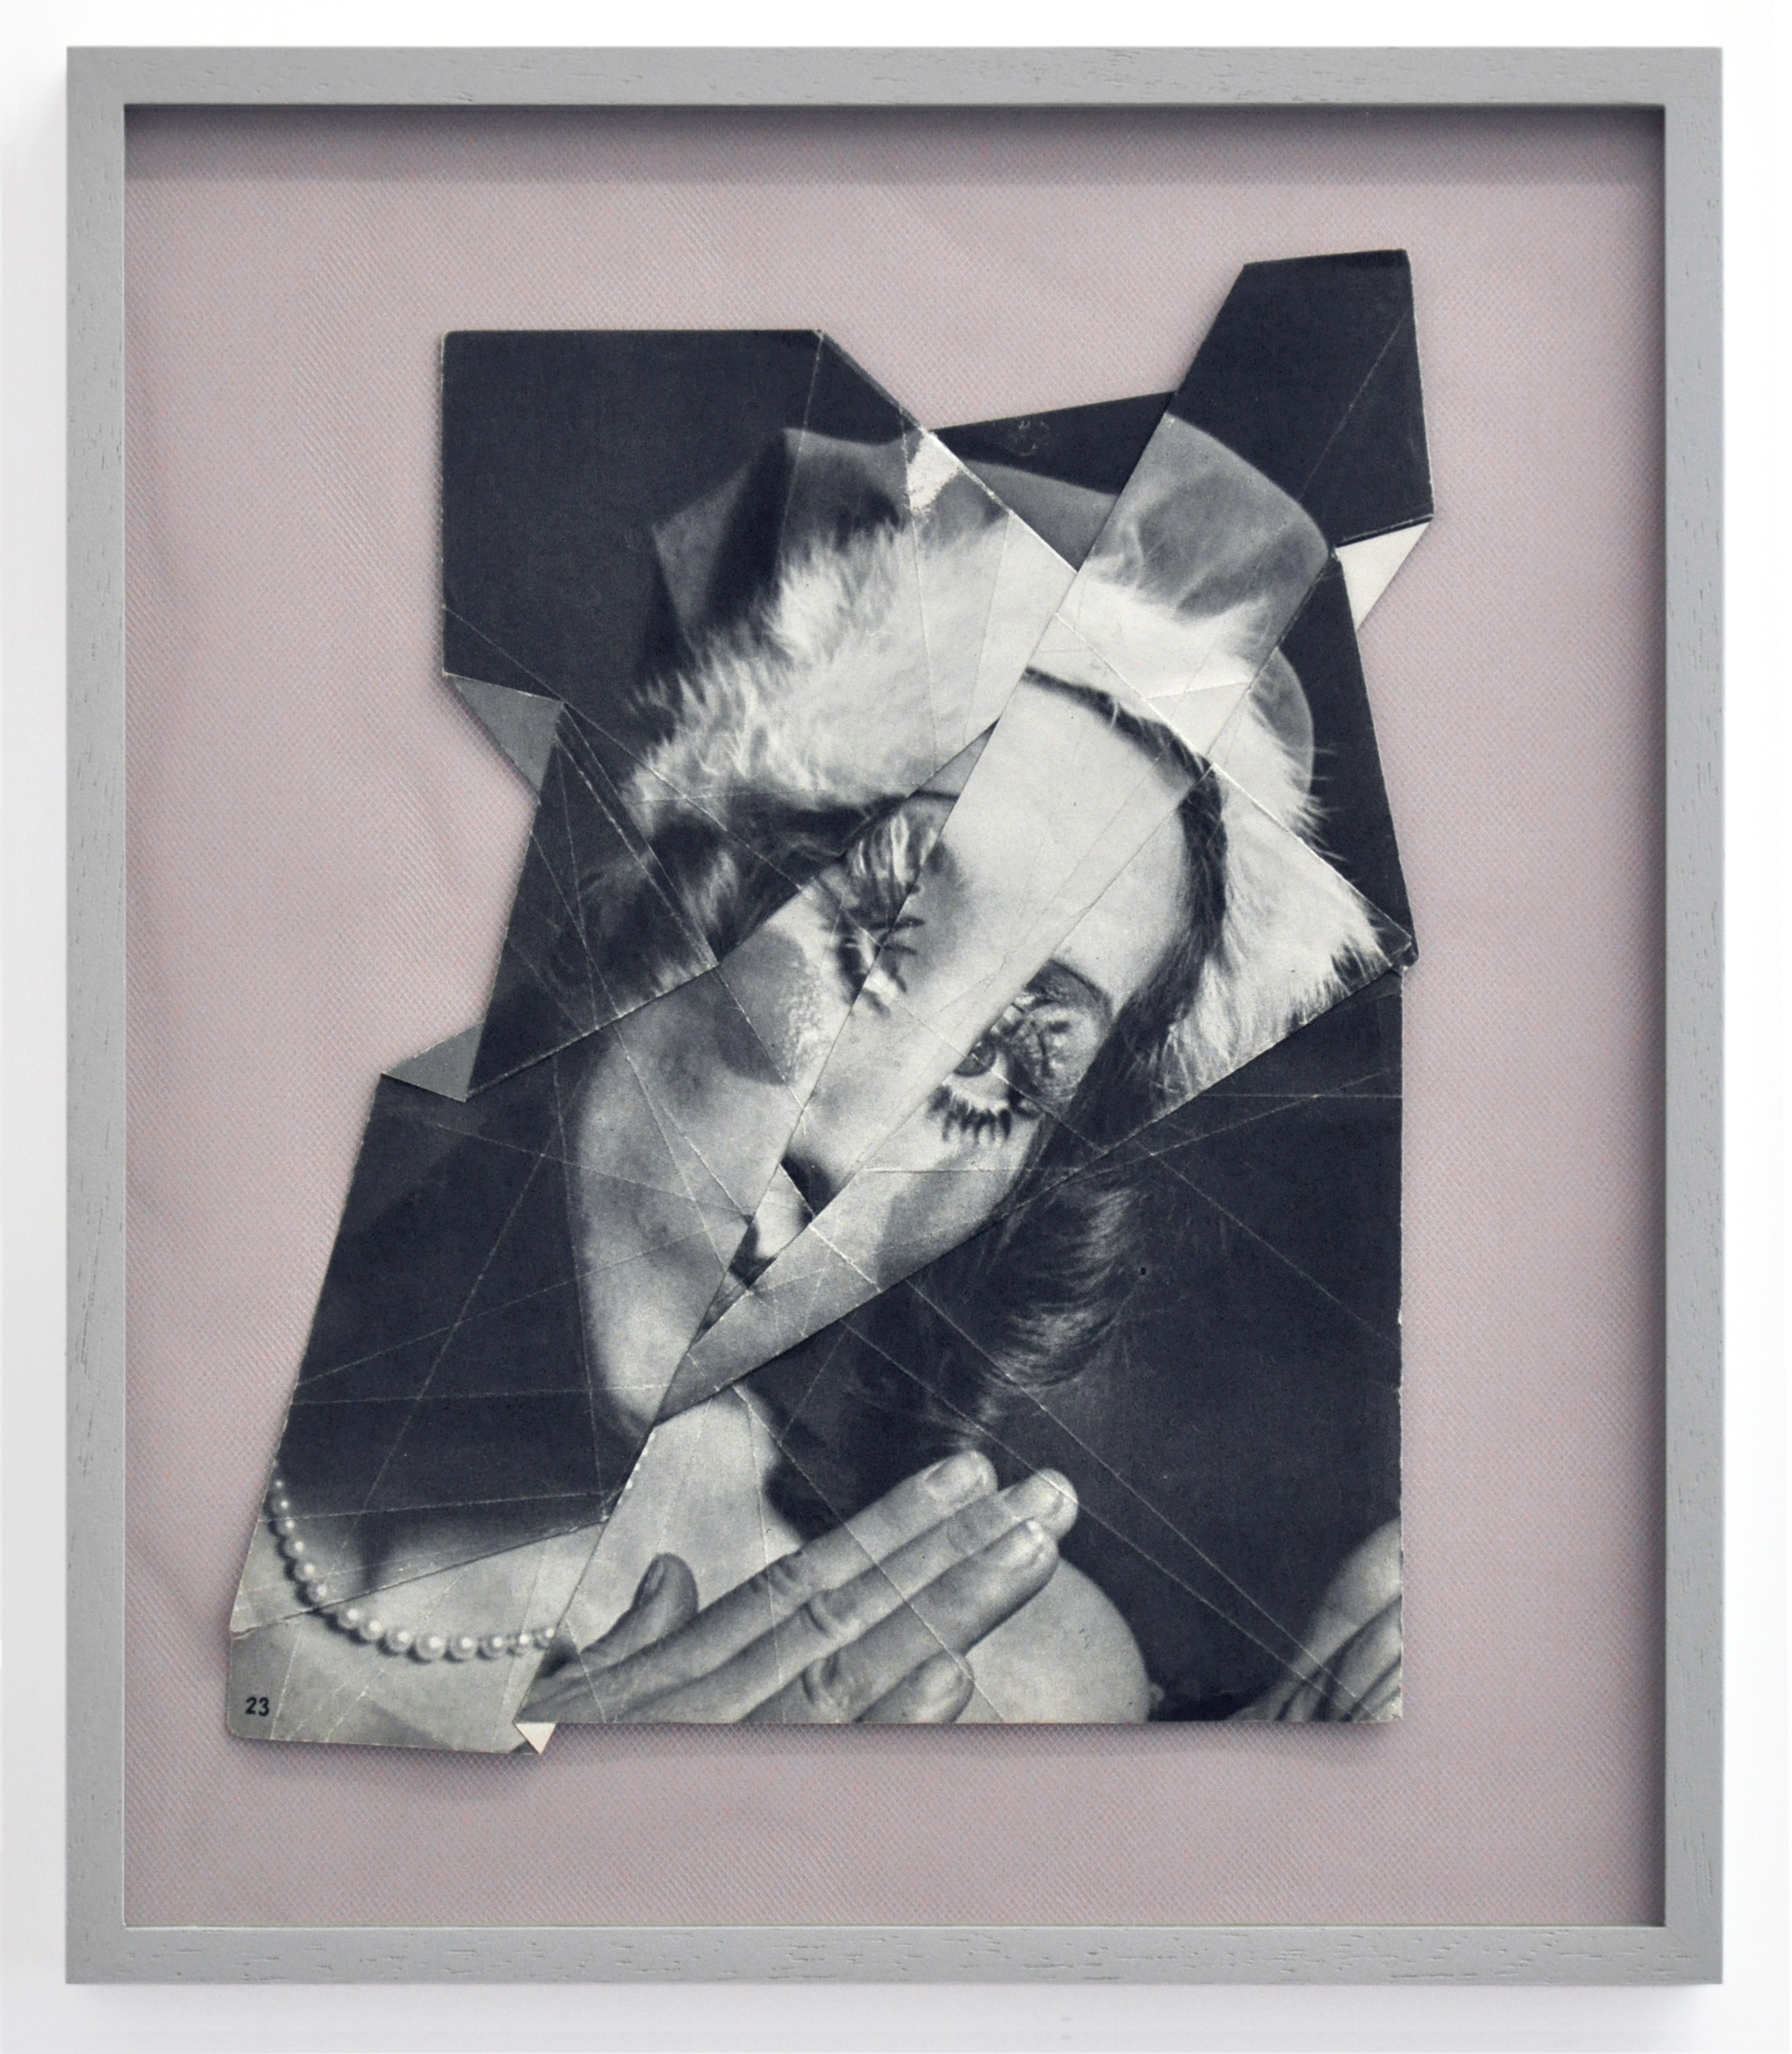 Venus in Furs 2012 Magazinseiten gefaltet 29 x 35 cm